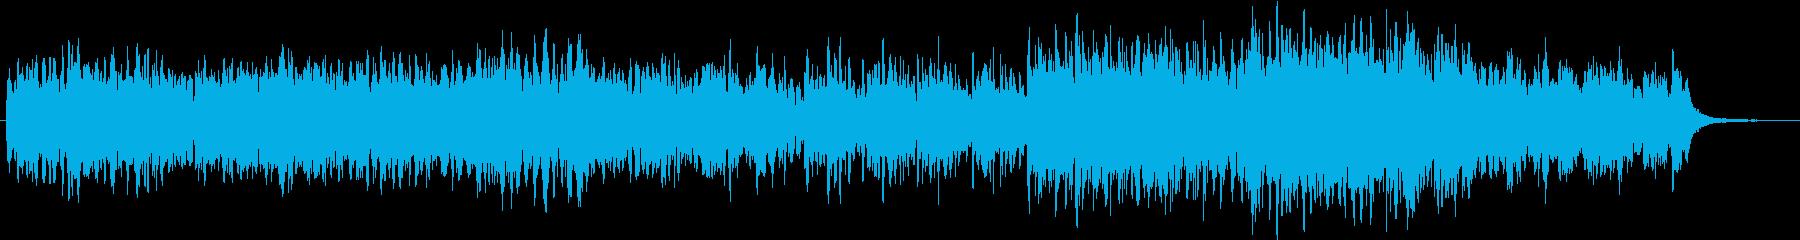 柔らかく神秘的なアンビエントの再生済みの波形